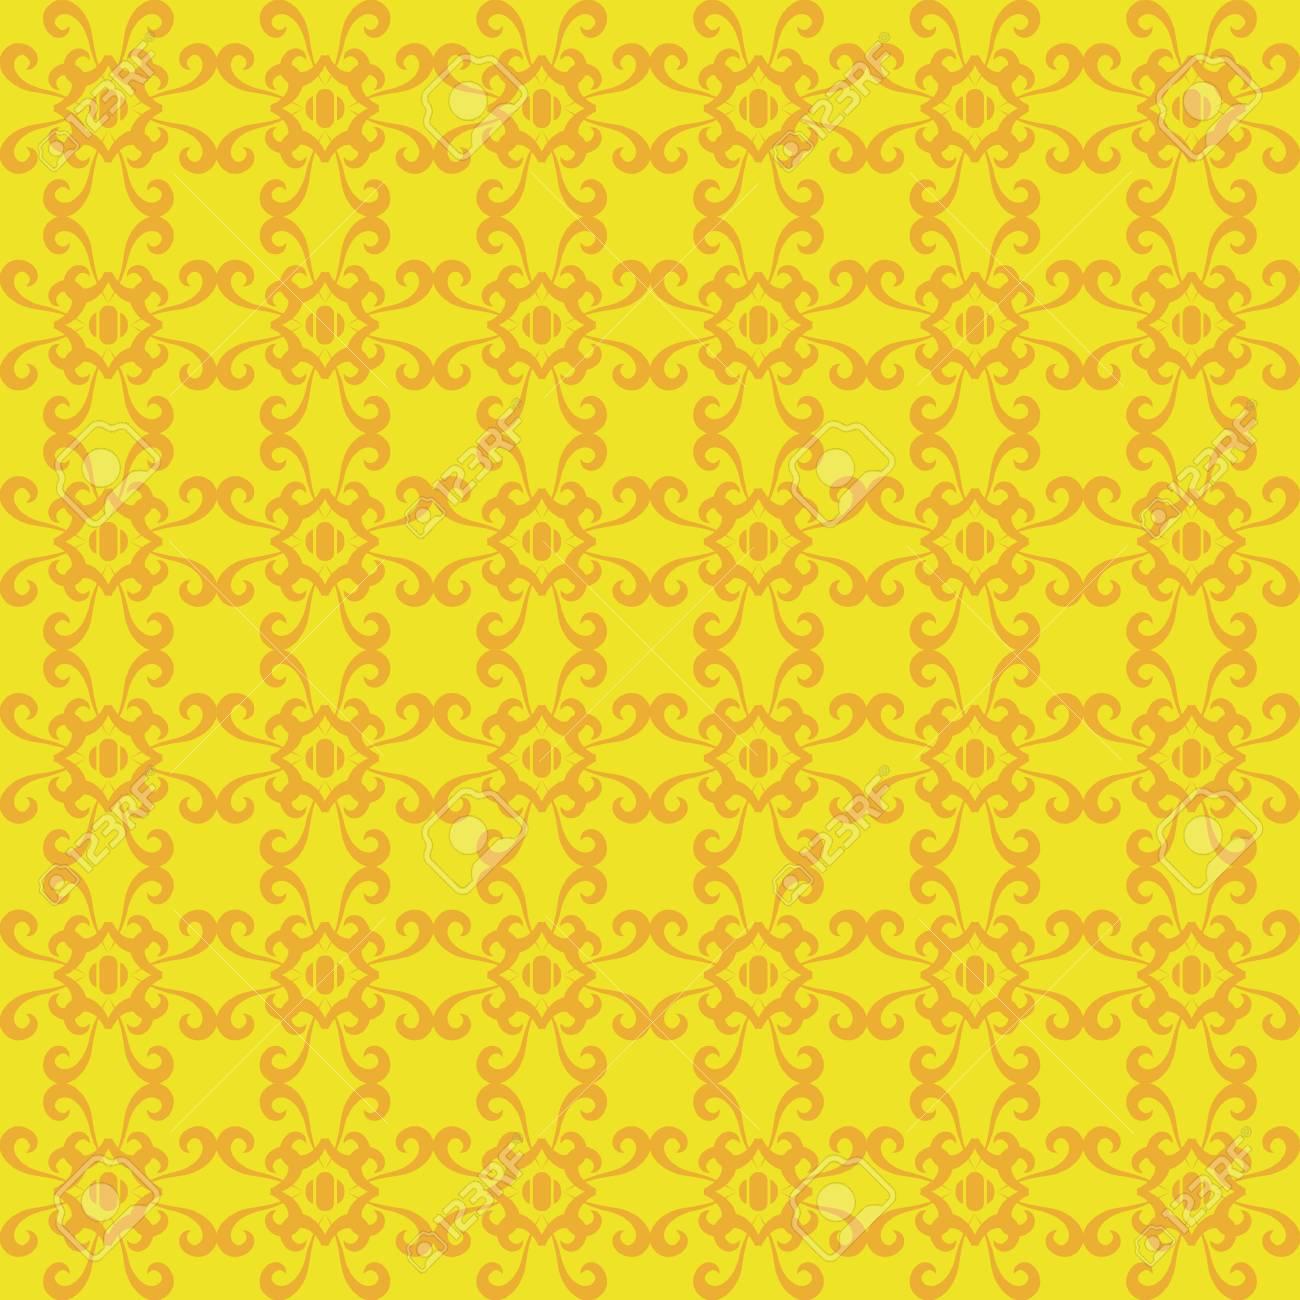 レトロなシームレスな壁紙の背景のイラスト素材 ベクタ Image 80400349